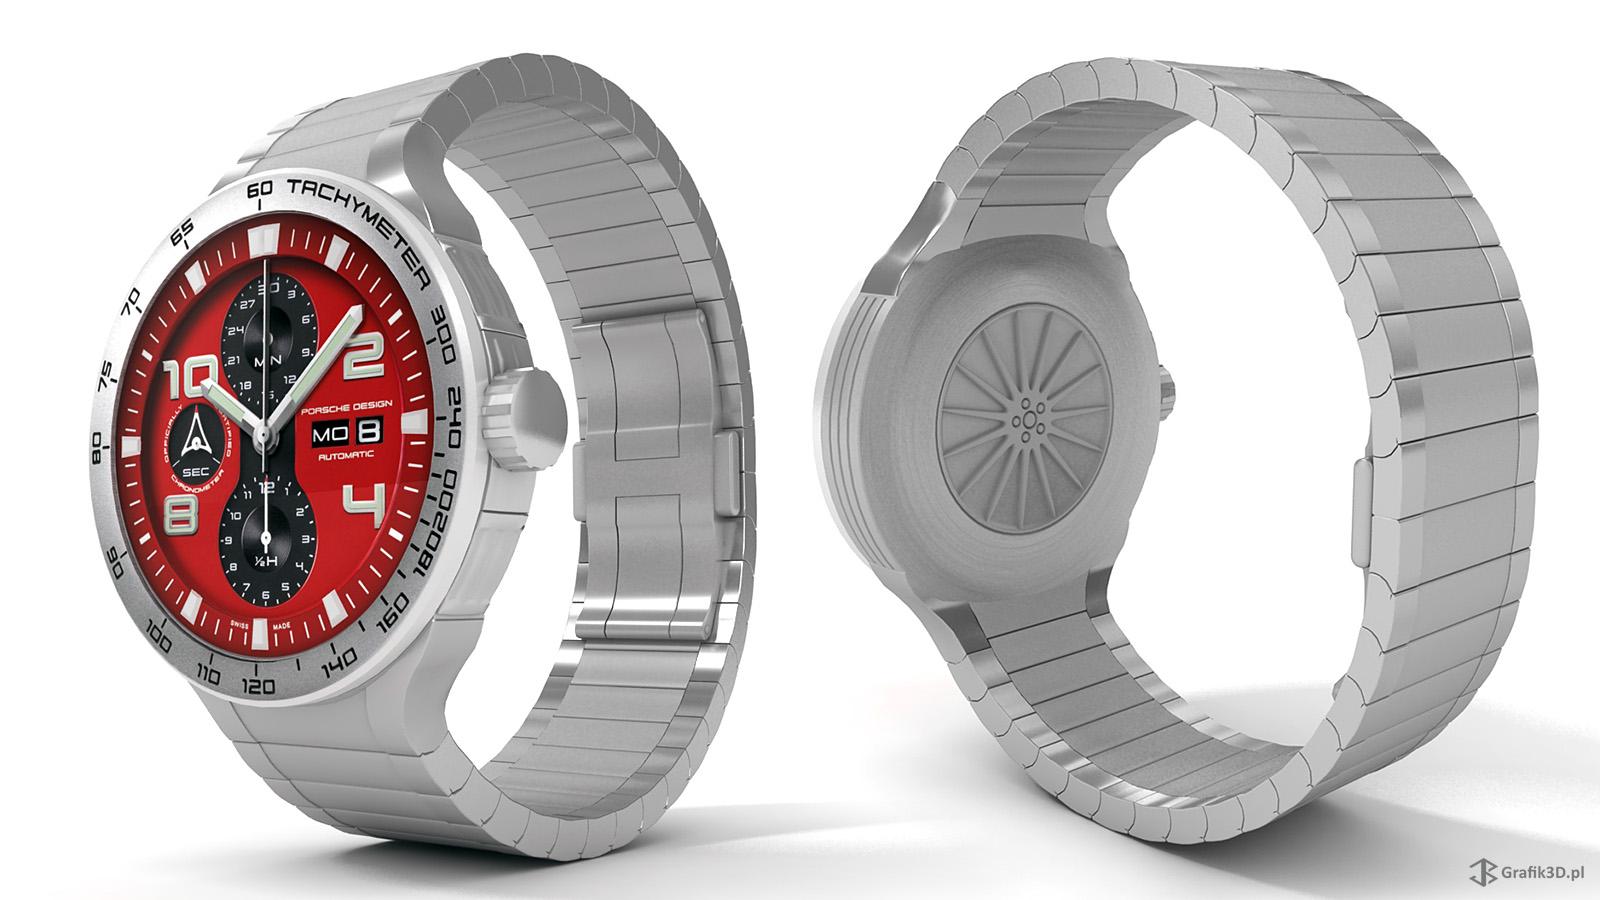 Model 3d zegarka Porshe Design